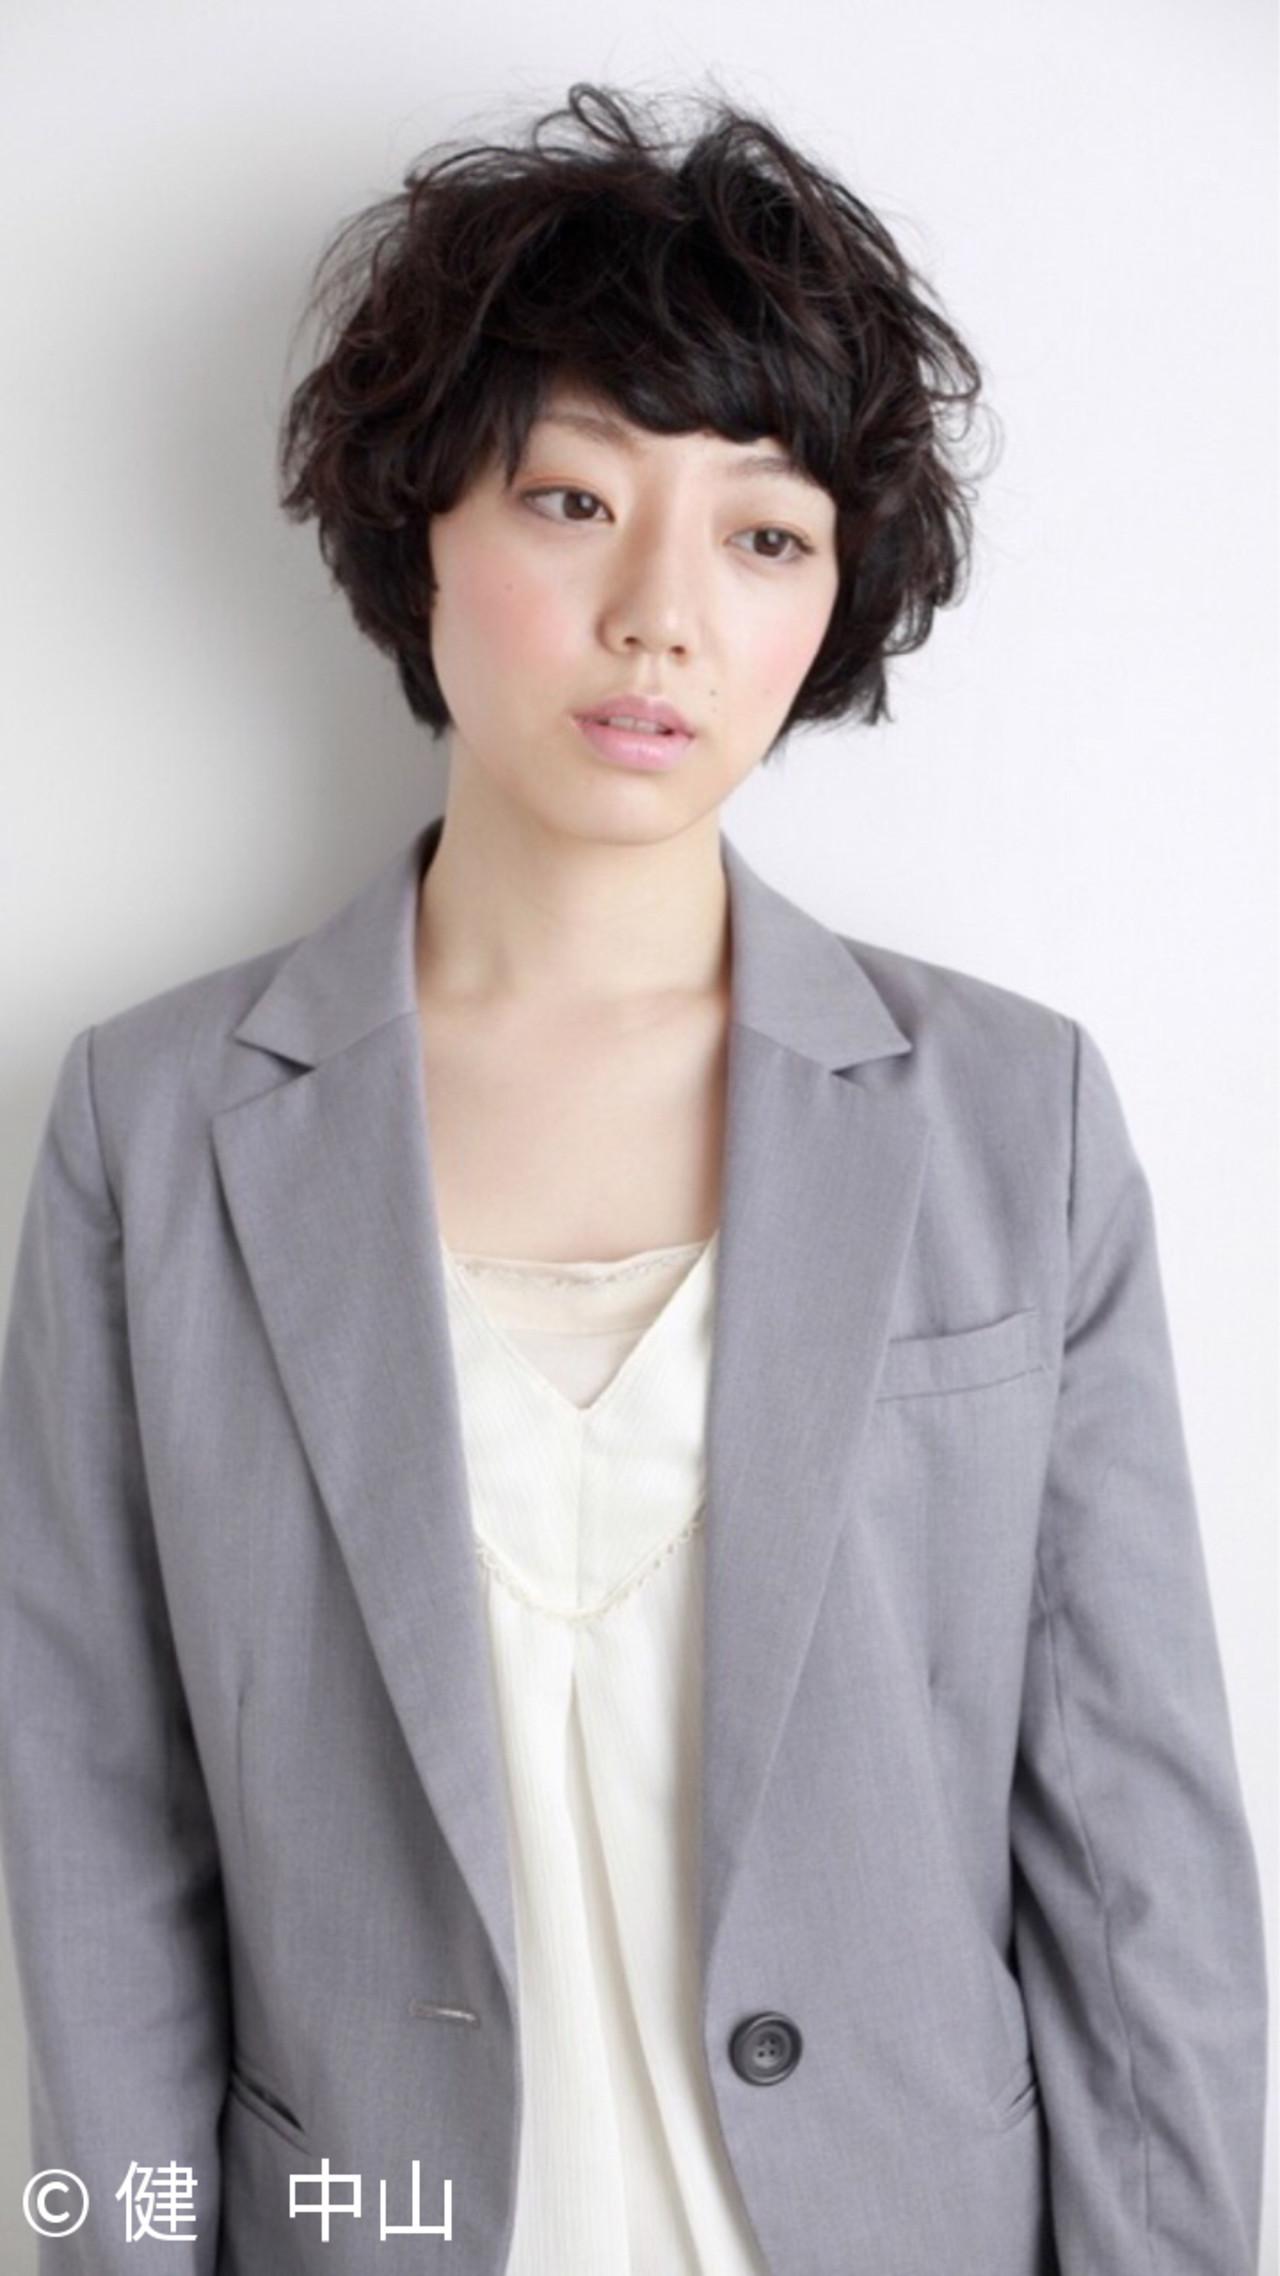 黒髪 ショート ガーリー マッシュ ヘアスタイルや髪型の写真・画像